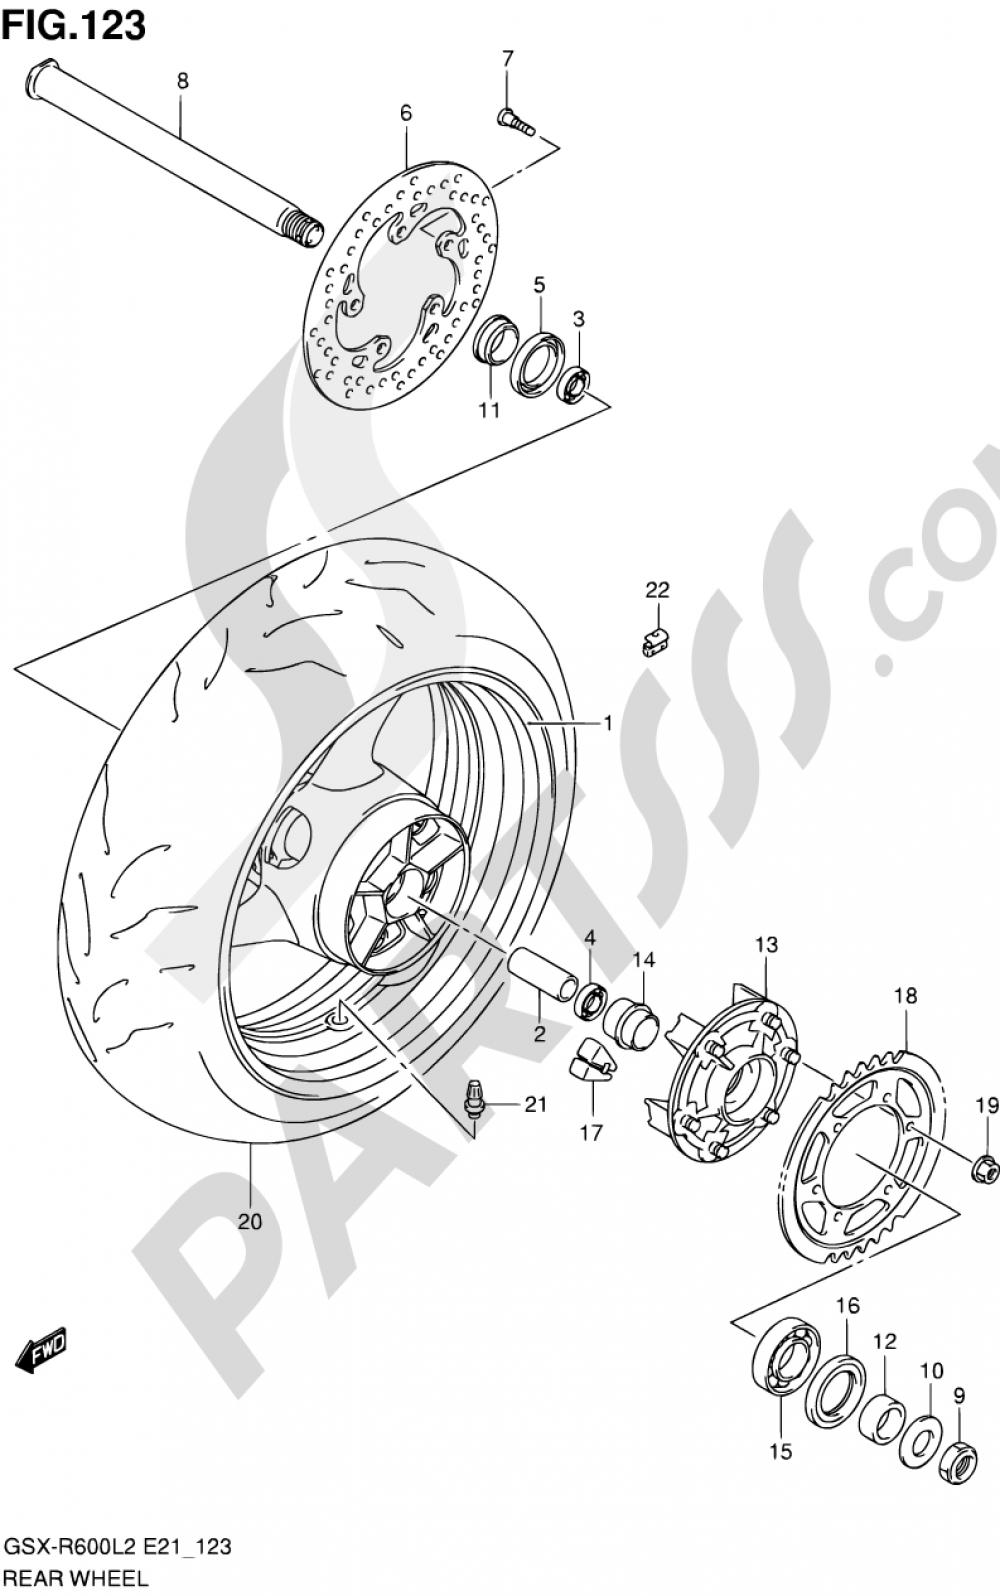 123 - REAR WHEEL (GSX-R600L2 E24) Suzuki GSX-R600 2012